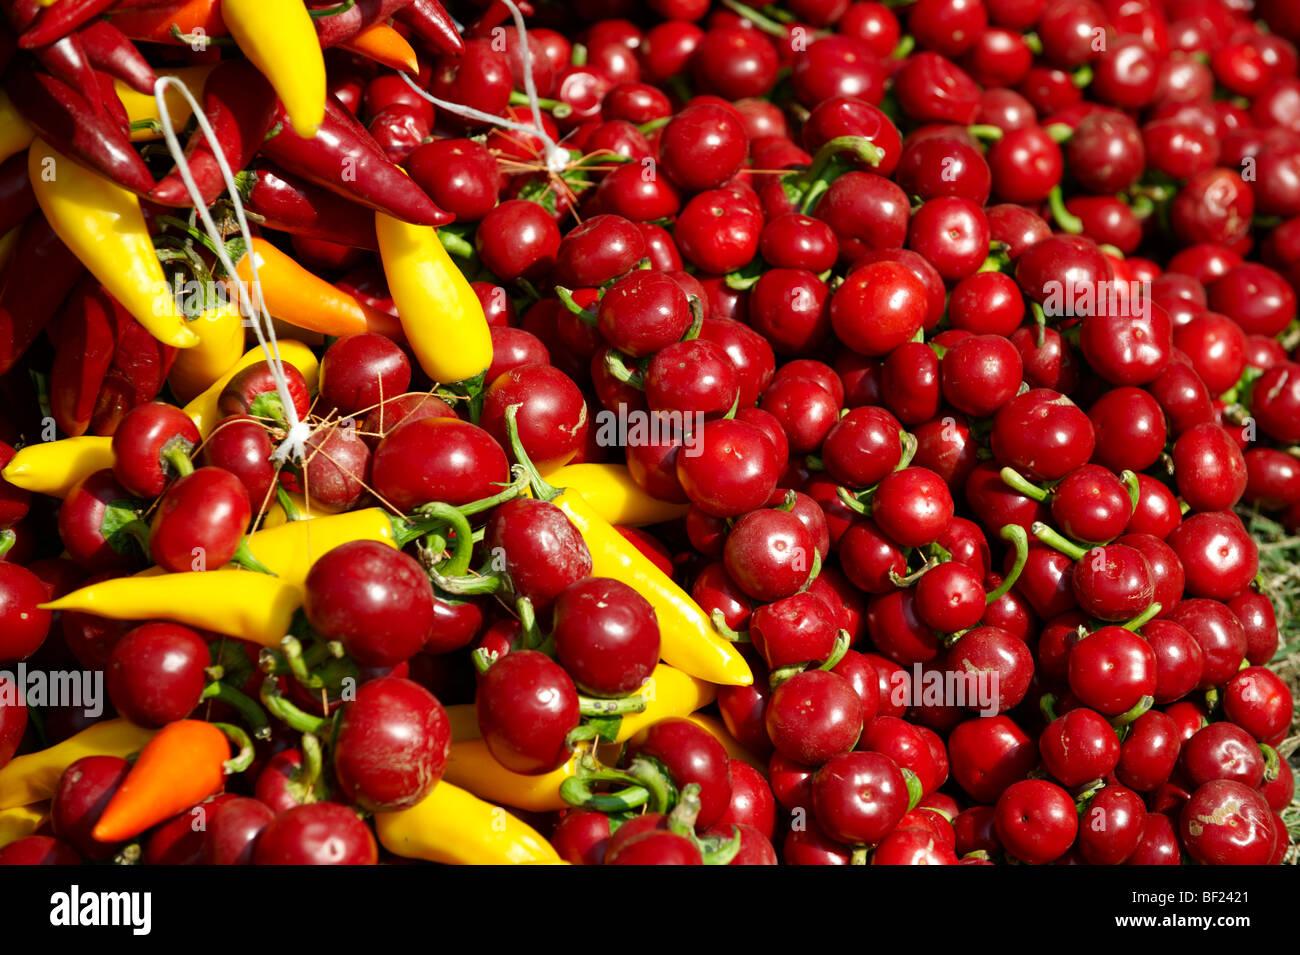 Prächtig Frischer Chili Stockfotos & Frischer Chili Bilder - Alamy @KQ_83